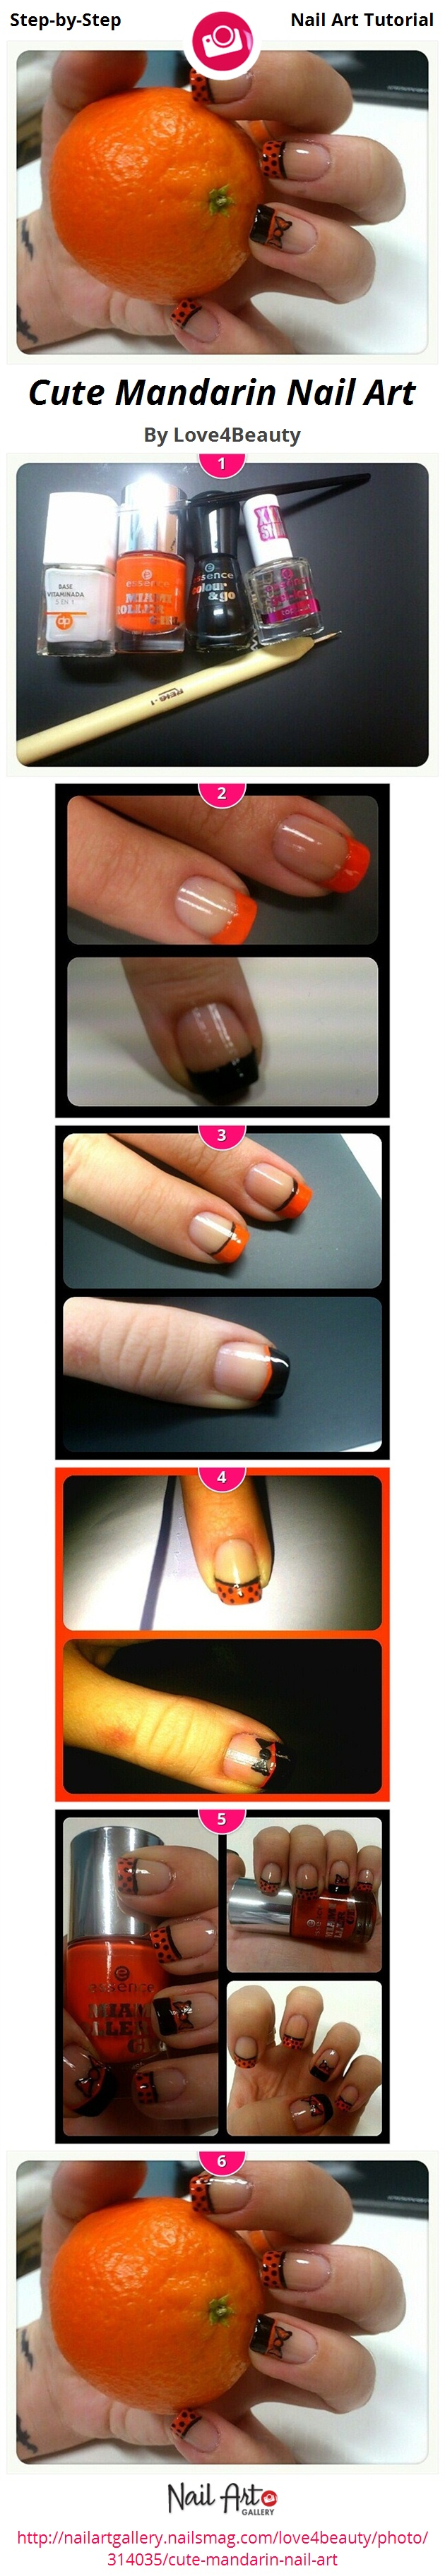 Cute Mandarin Nail Art - Nail Art Gallery